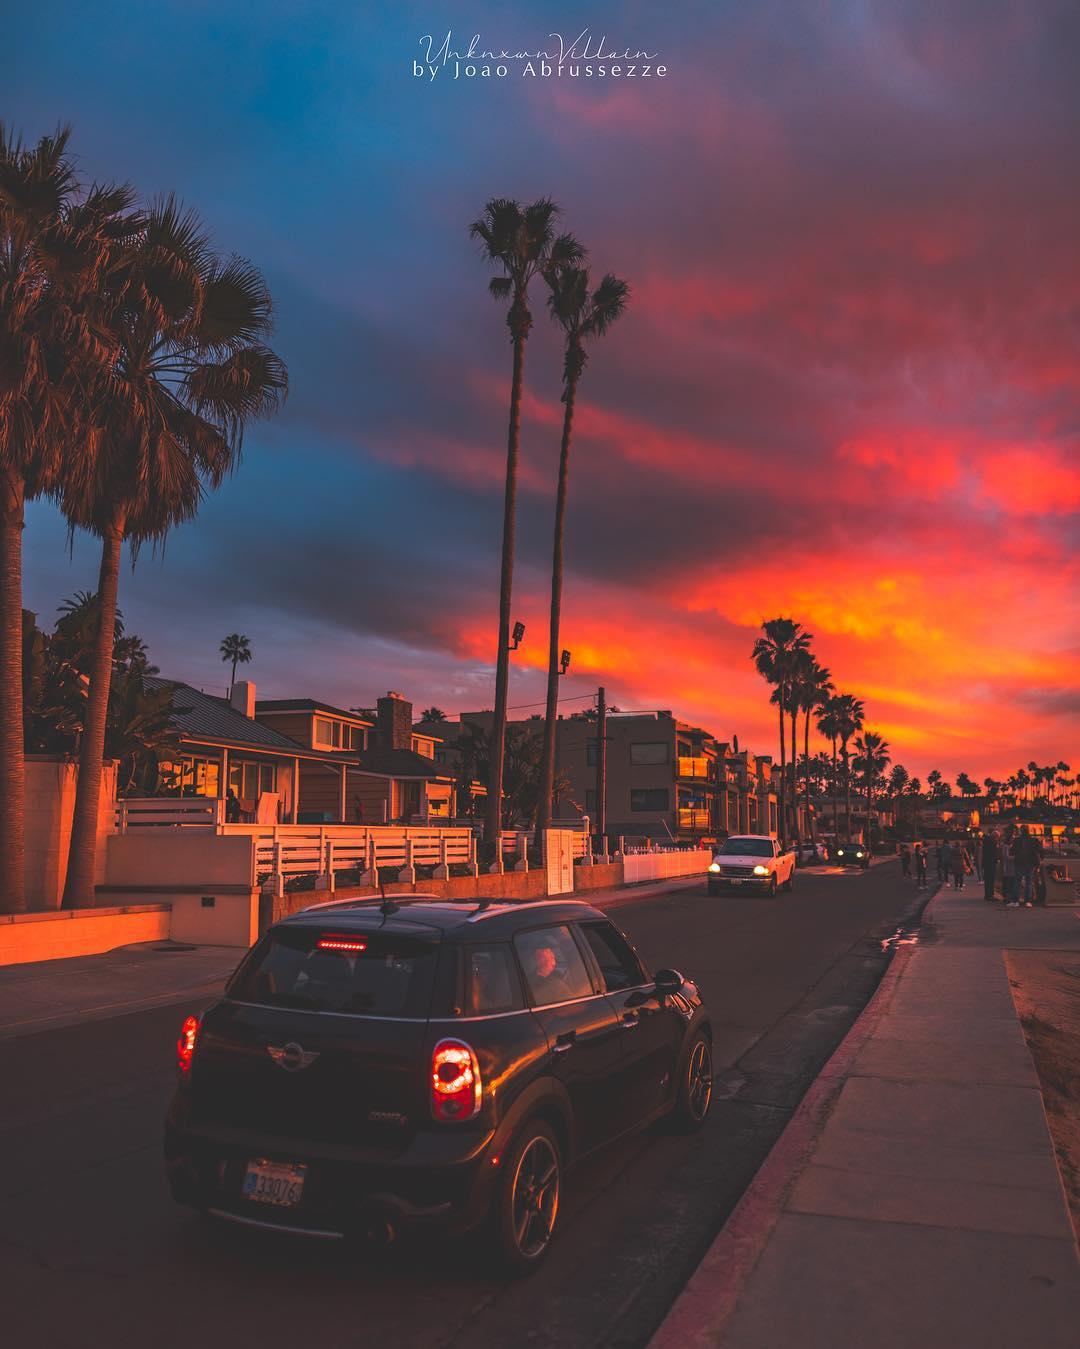 Природные и городские пейзажи Сан-Диего на снимках Жоао Абрюссезе